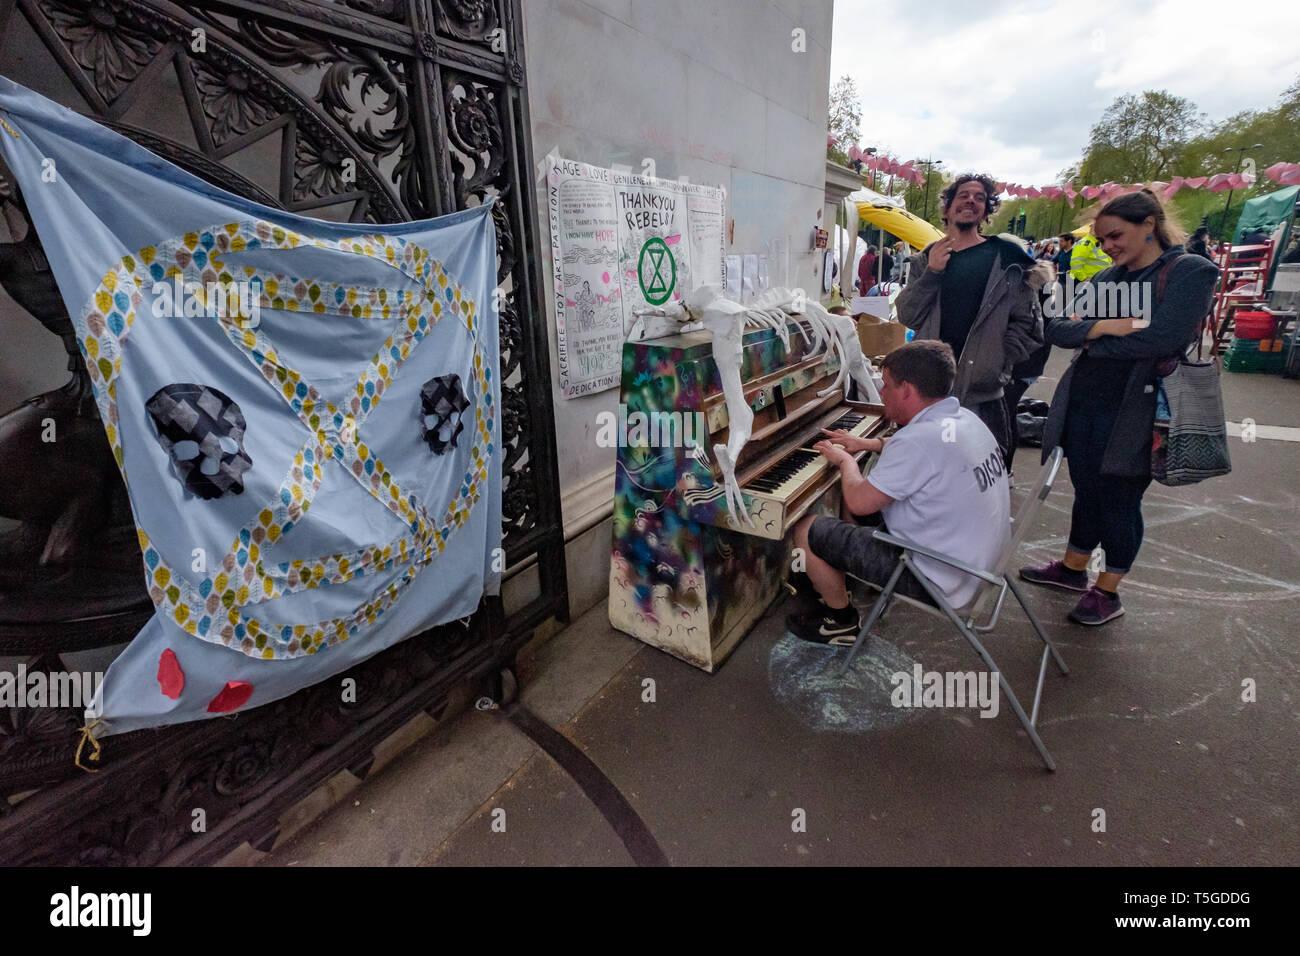 London, Großbritannien. 24. April 2019. Ein Mann spielt ein Klavier unter Marble Arch und die Menschen zu beobachten. Die Polizei wurde entfernen Menschen blockieren Oxford St, die letzte Straße Block um Marble Arch an diesem Nachmittag. Einige Leute wurden auf und werden sorgfältig heraus, die von den Offizieren cut gesperrt, während andere saß ruhig von der Polizei umstellt und wartete, während eine kleine Menge durch mehrere Linien der Polizei beobachtete, wie die Offiziere, die versucht, sie zu erhalten, zu verschieben, verhaftet zu werden. Bei Marble Arch der Protest mit Trommeln und Tanzen, kostenloses Essen und Hunderte von Zelten fortgesetzt. Peter Marshall / alamy Leben Nachrichten Stockbild